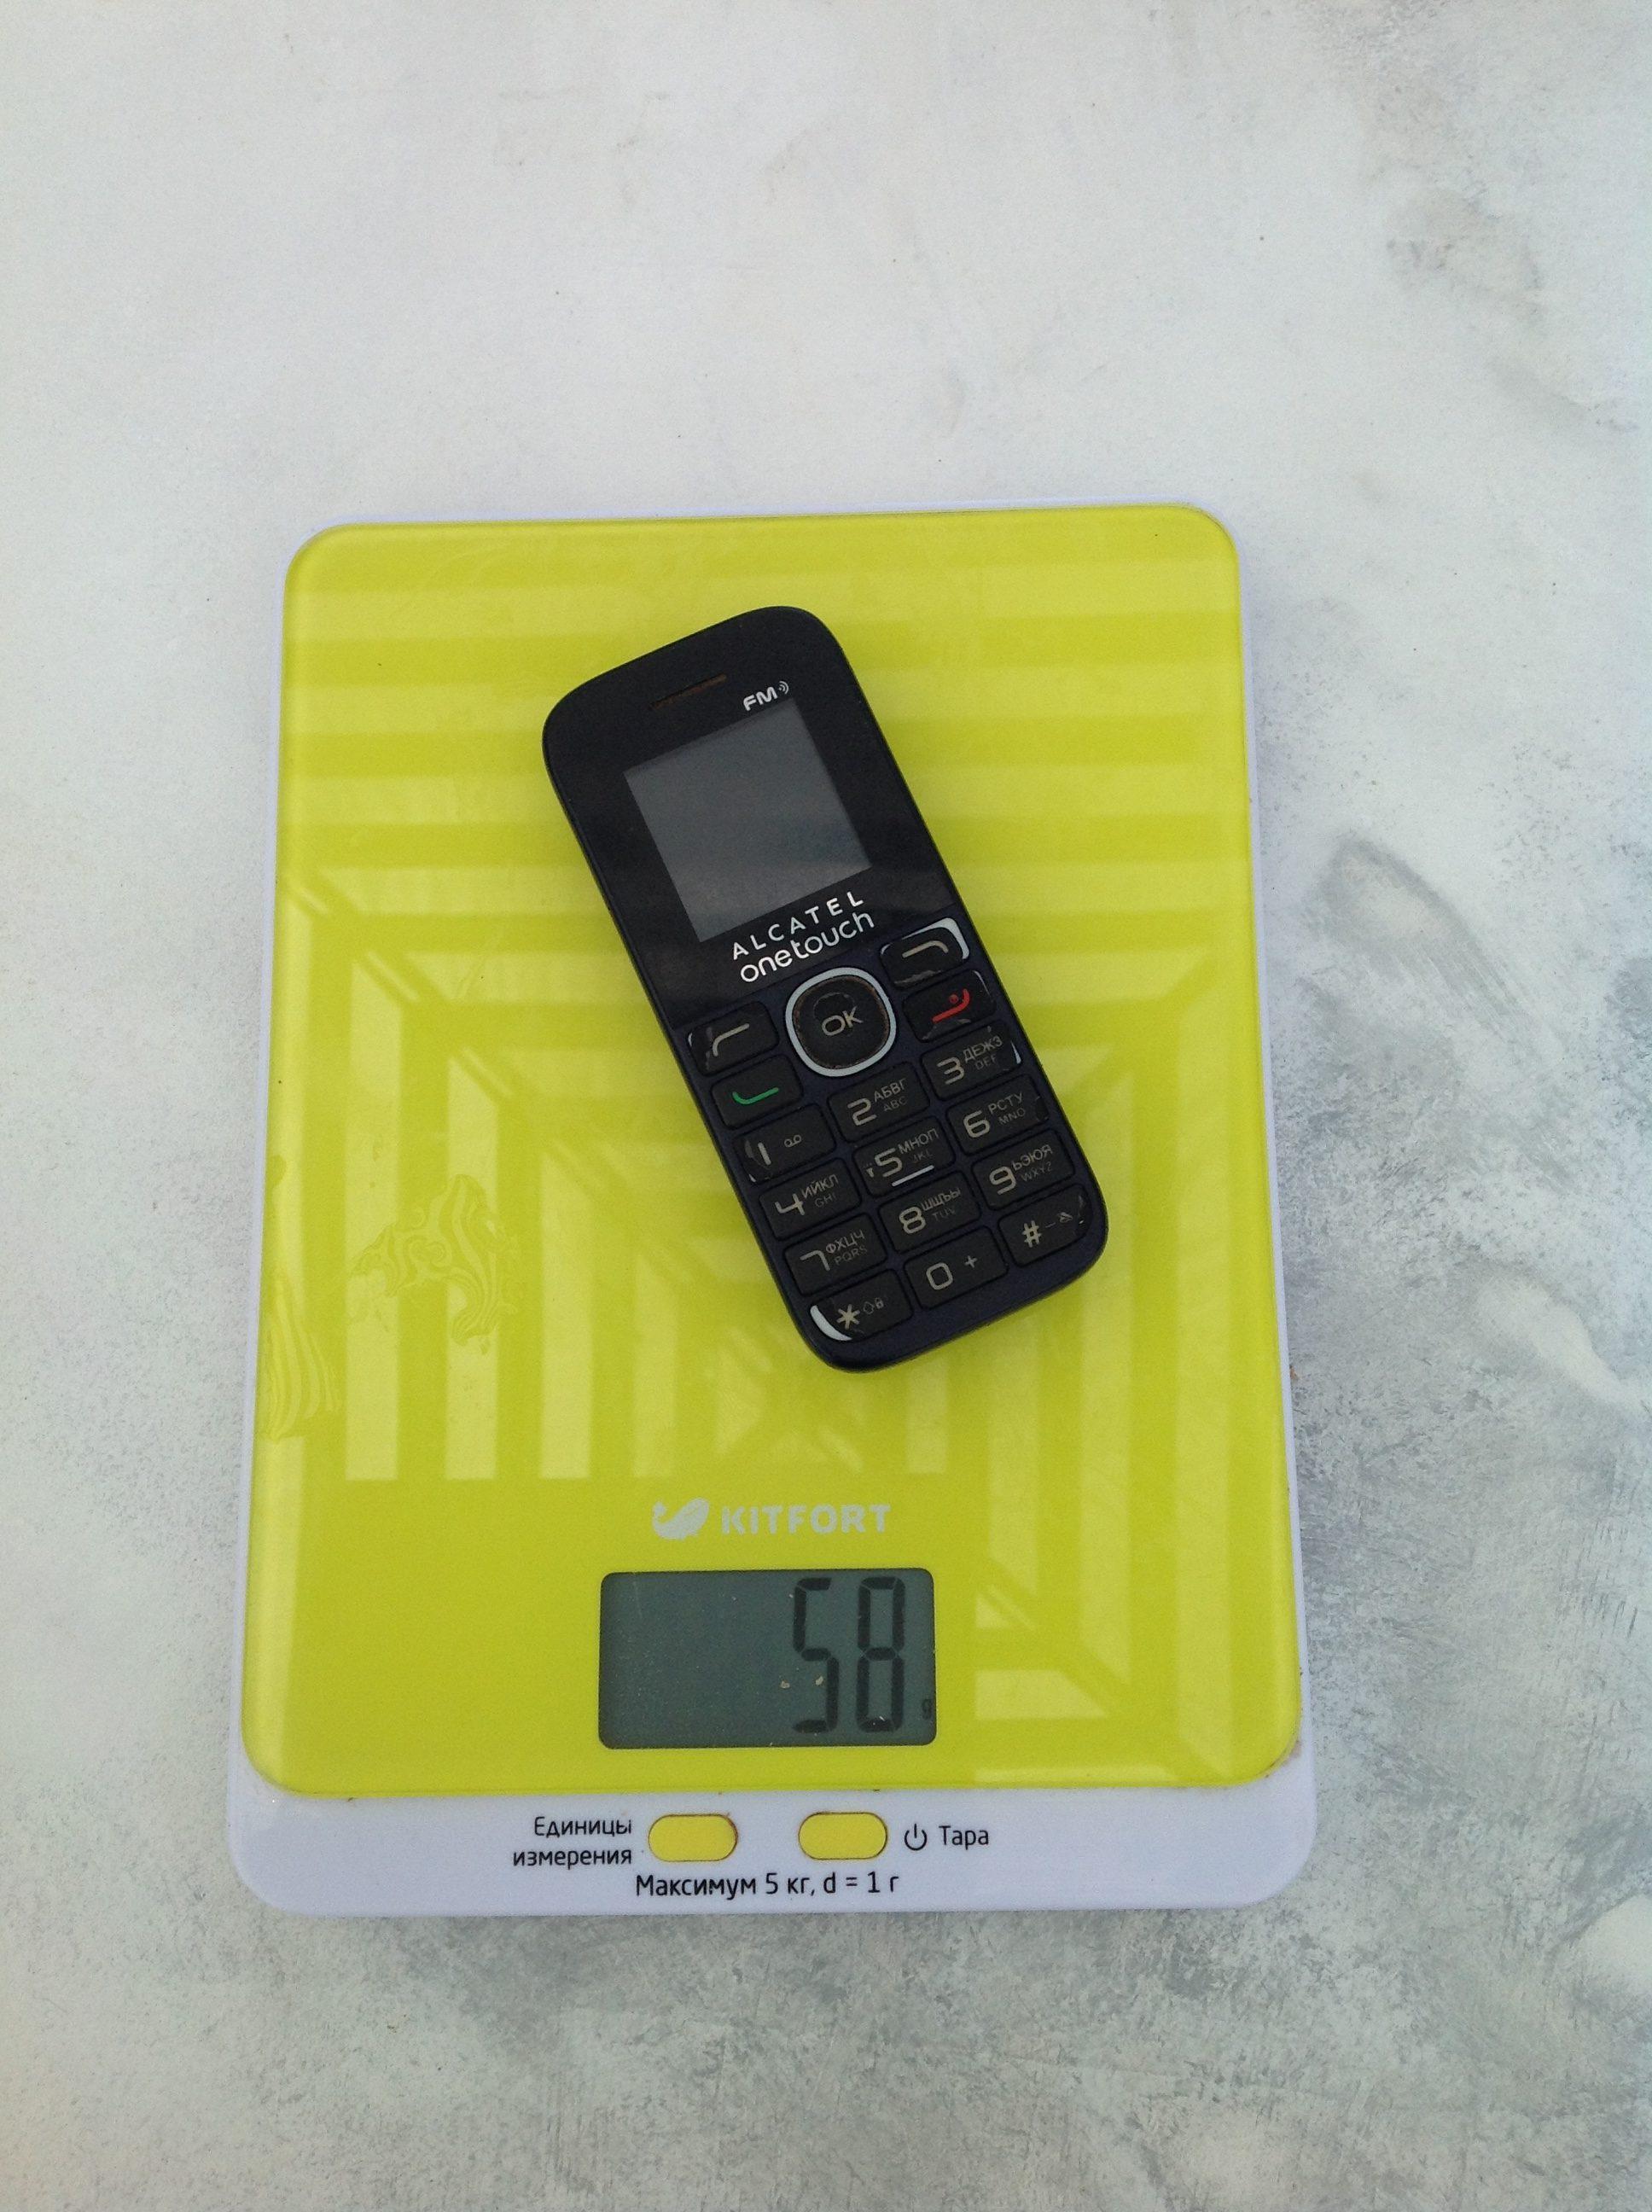 вес телефона alcatel one touch кнопочного